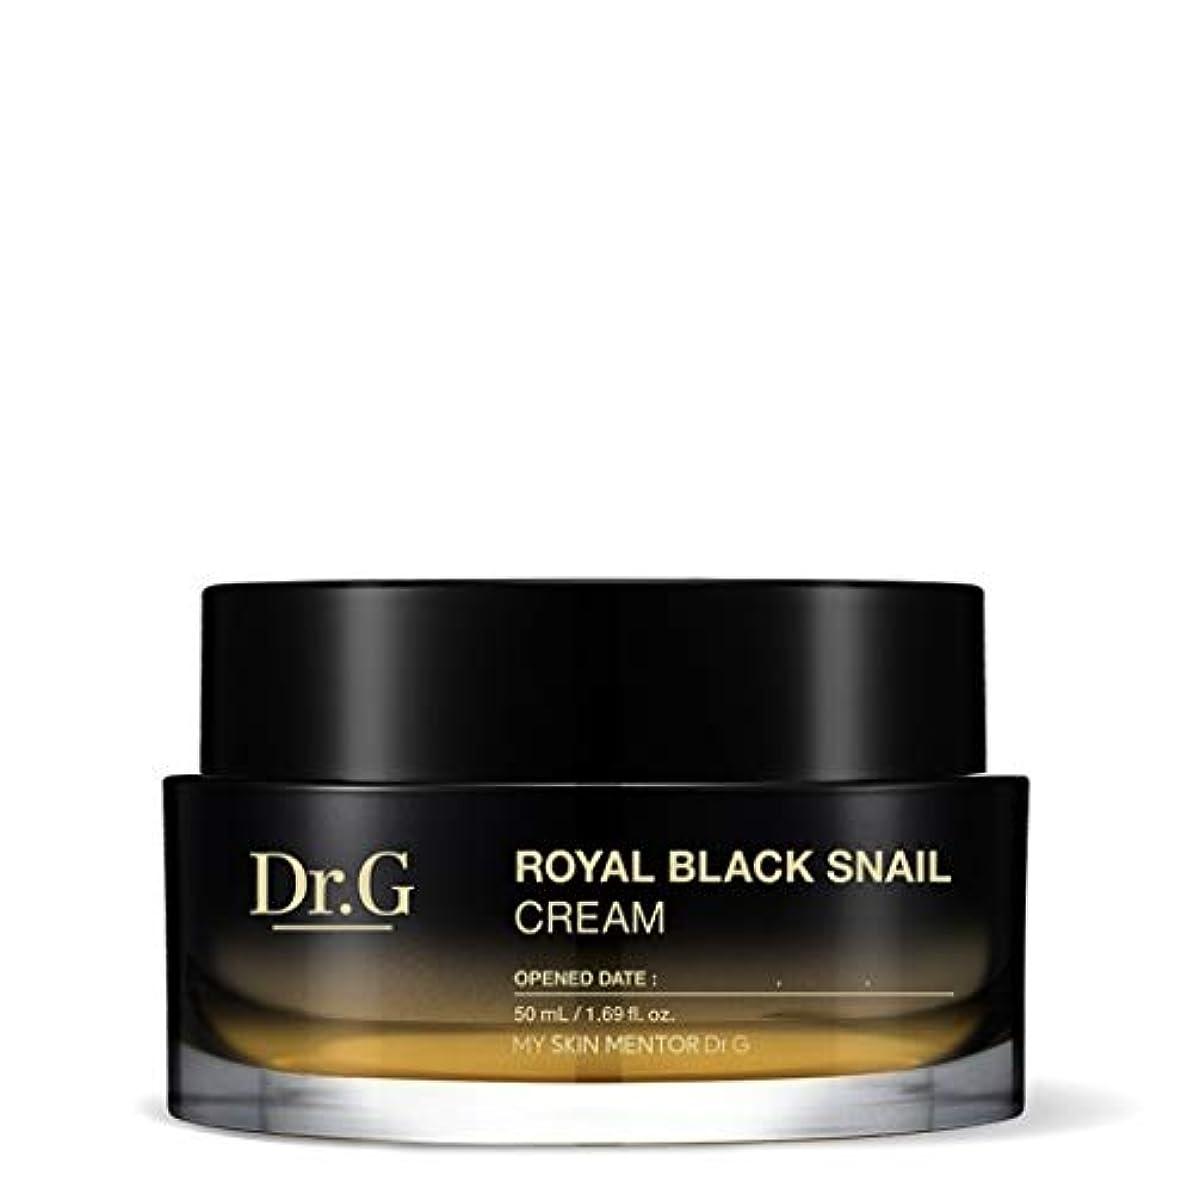 宙返りスナップこどもの日[Dr.Gドクタージー] ロイヤルブラックスネイルクリーム 50ml / Royal Black Snail Cream